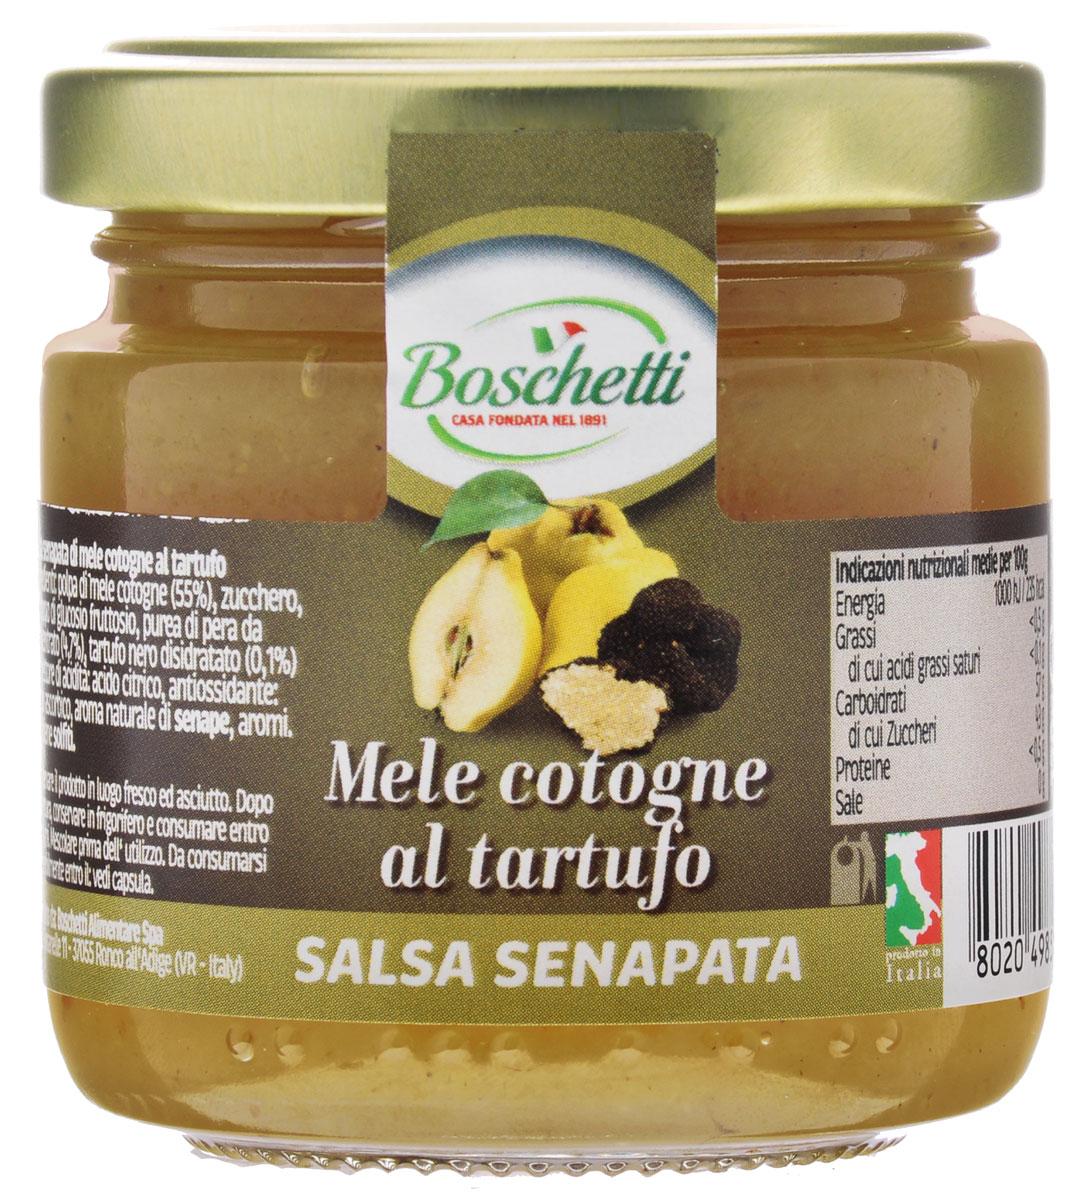 Boschetti Mele cotogne al tartufo соус сальса, 120 гSP#TC35AYBoschetti Mele cotogne al tartufo - классический овощной соус южных стран. Сальсу часто подают в качестве дипа и для добавления к разнообразным блюдам — как овощным, так и мясным. Состав: мякоть айвы (55%), сахар, сироп глюкозы-фруктозы, пюре грушевое концентрированное (4,7%), чёрный трюфель сушёный (0,1%), регулятор кислотности (лимонная кислота), антиокислитель (аскорбиновая кислота), натуральный ароматизатор горчица, ароматизаторы. Содержит сульфиты.